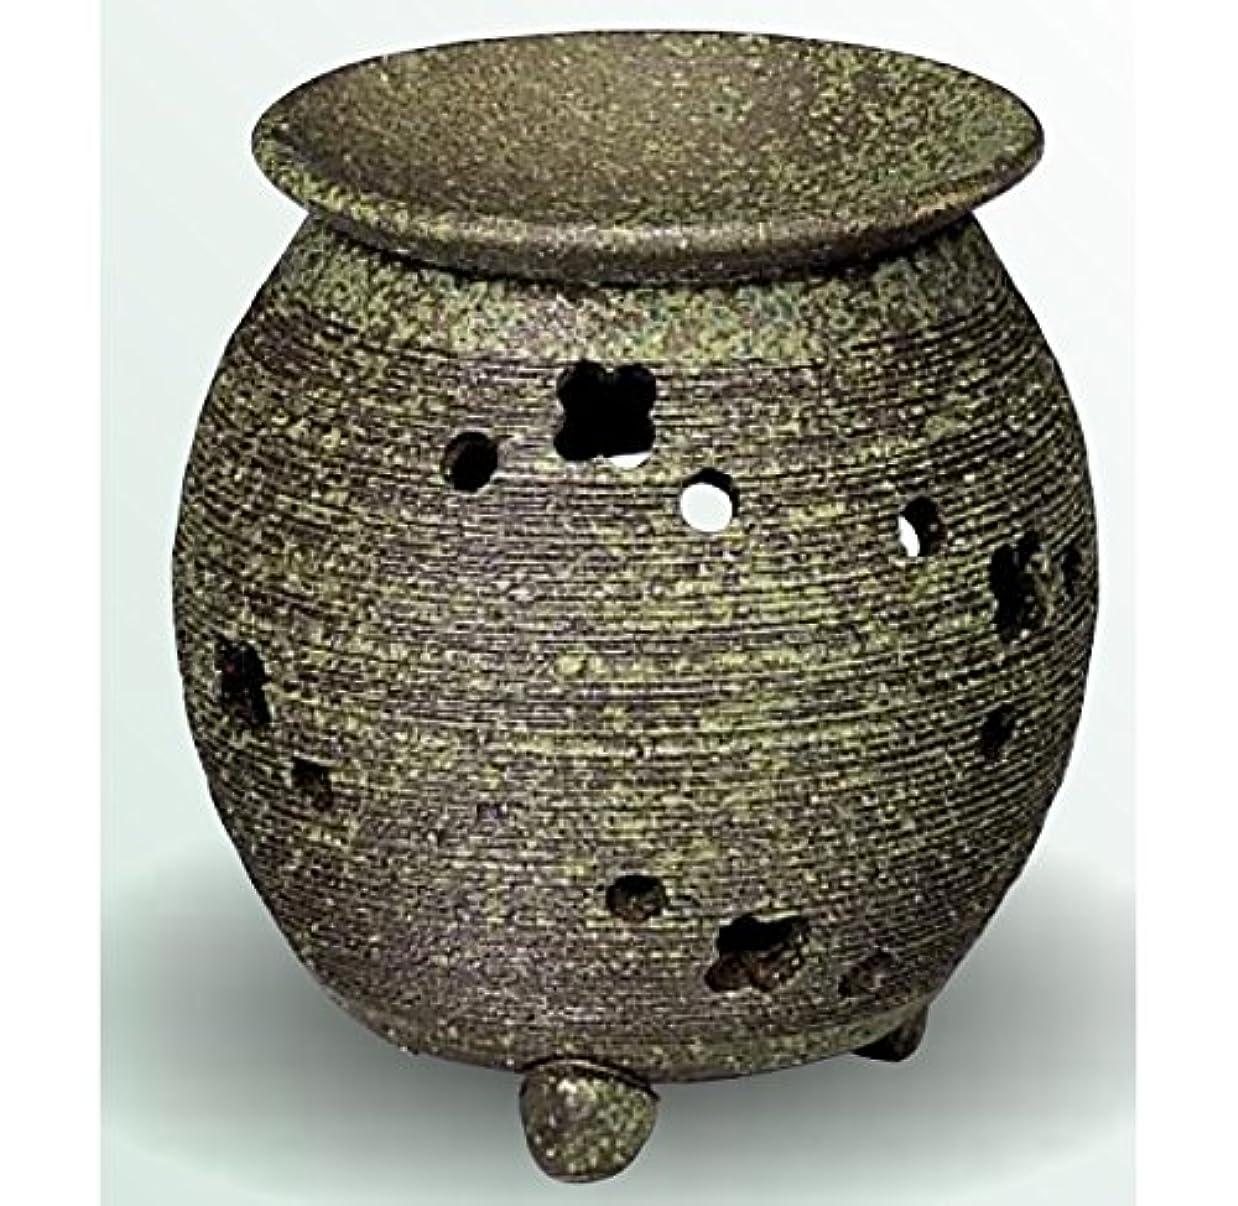 イヤホン路地曇った常滑焼 茶香炉(アロマポット) 径10×高さ11.5cm